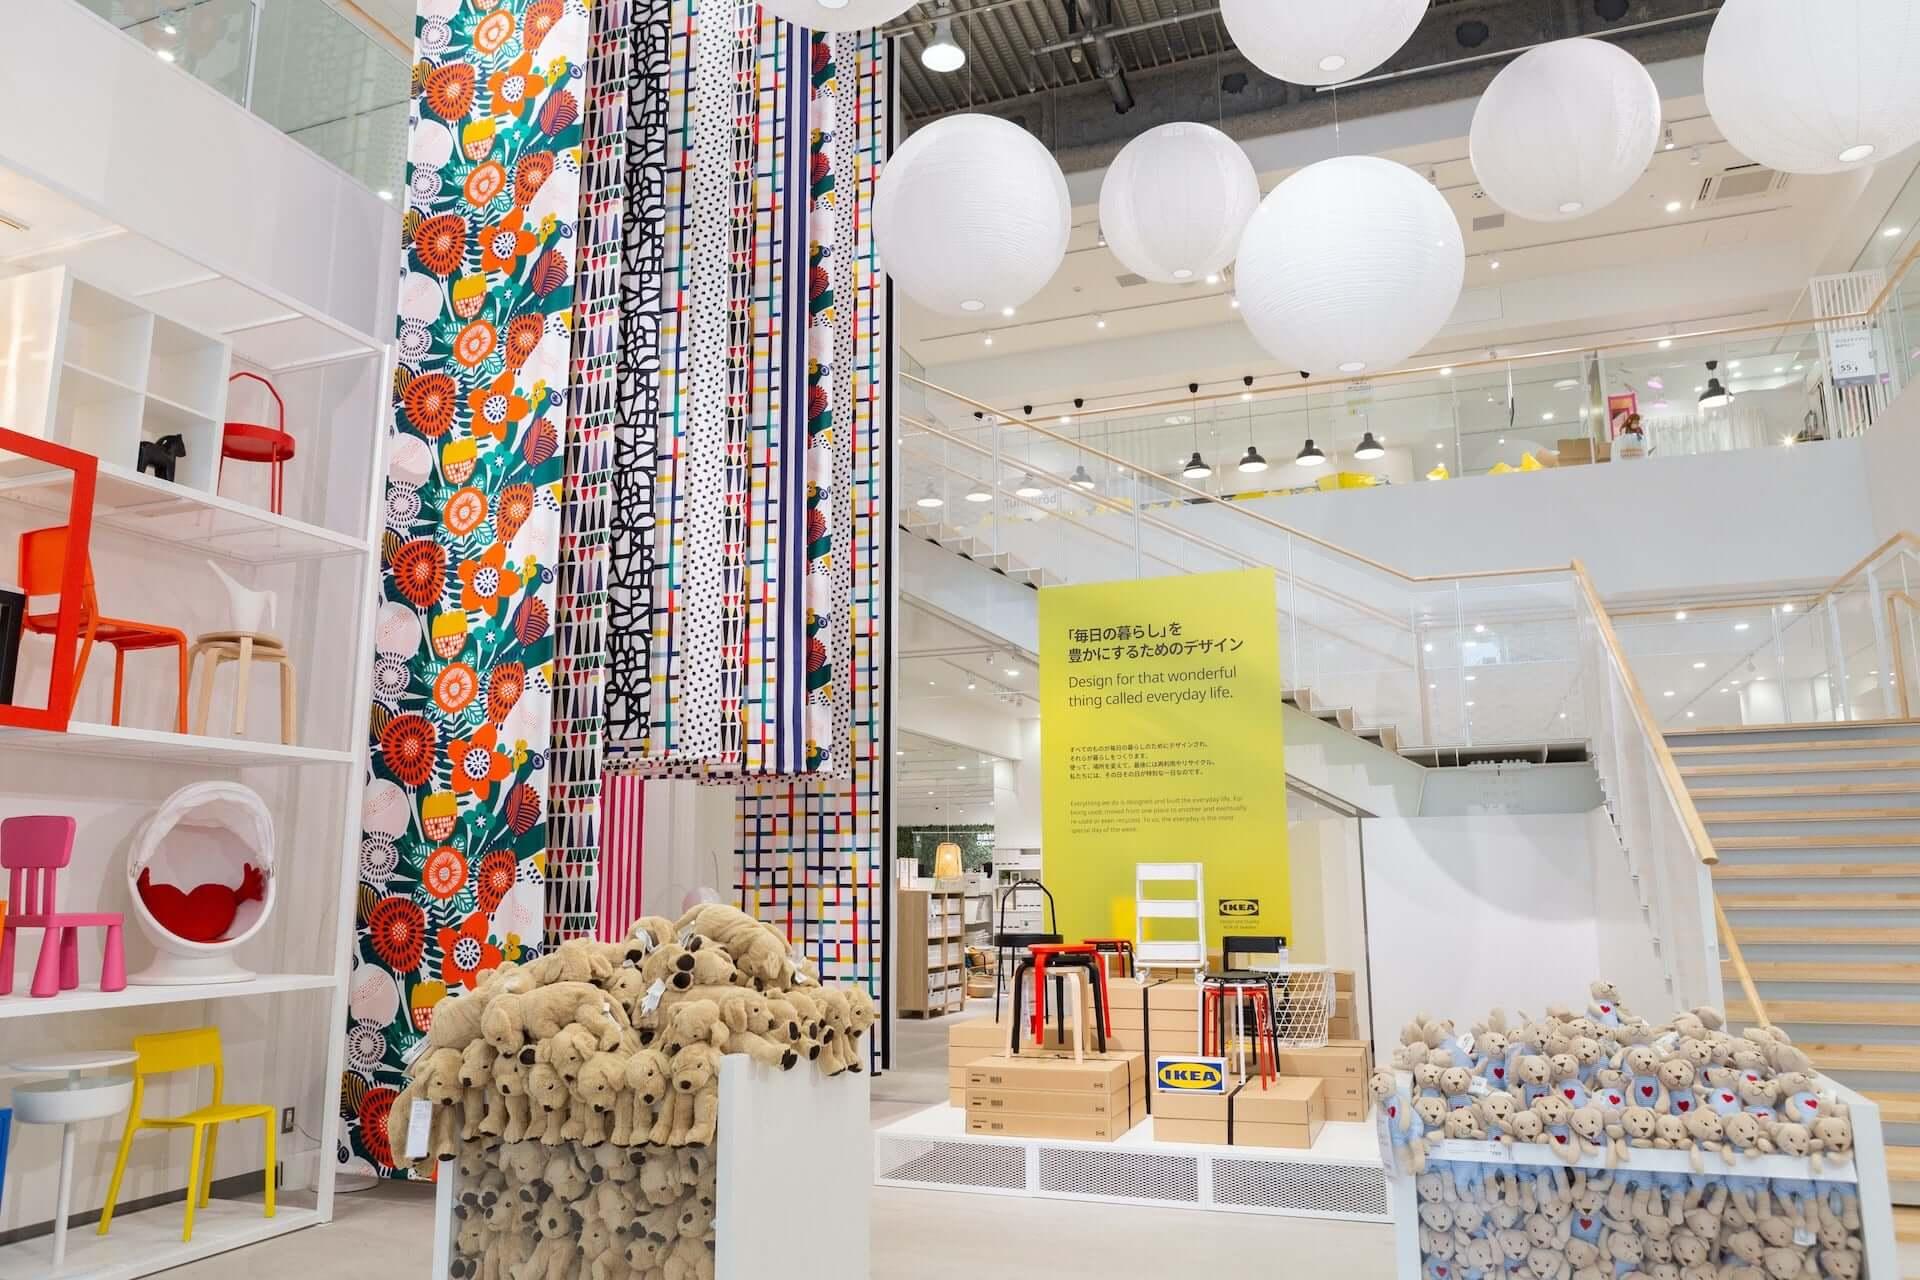 IKEAがついに原宿に登場!WITH HARAJUKUに6月8日オープン決定&内装も一部公開 lf200604_ikea_harajuku_13-1920x1280